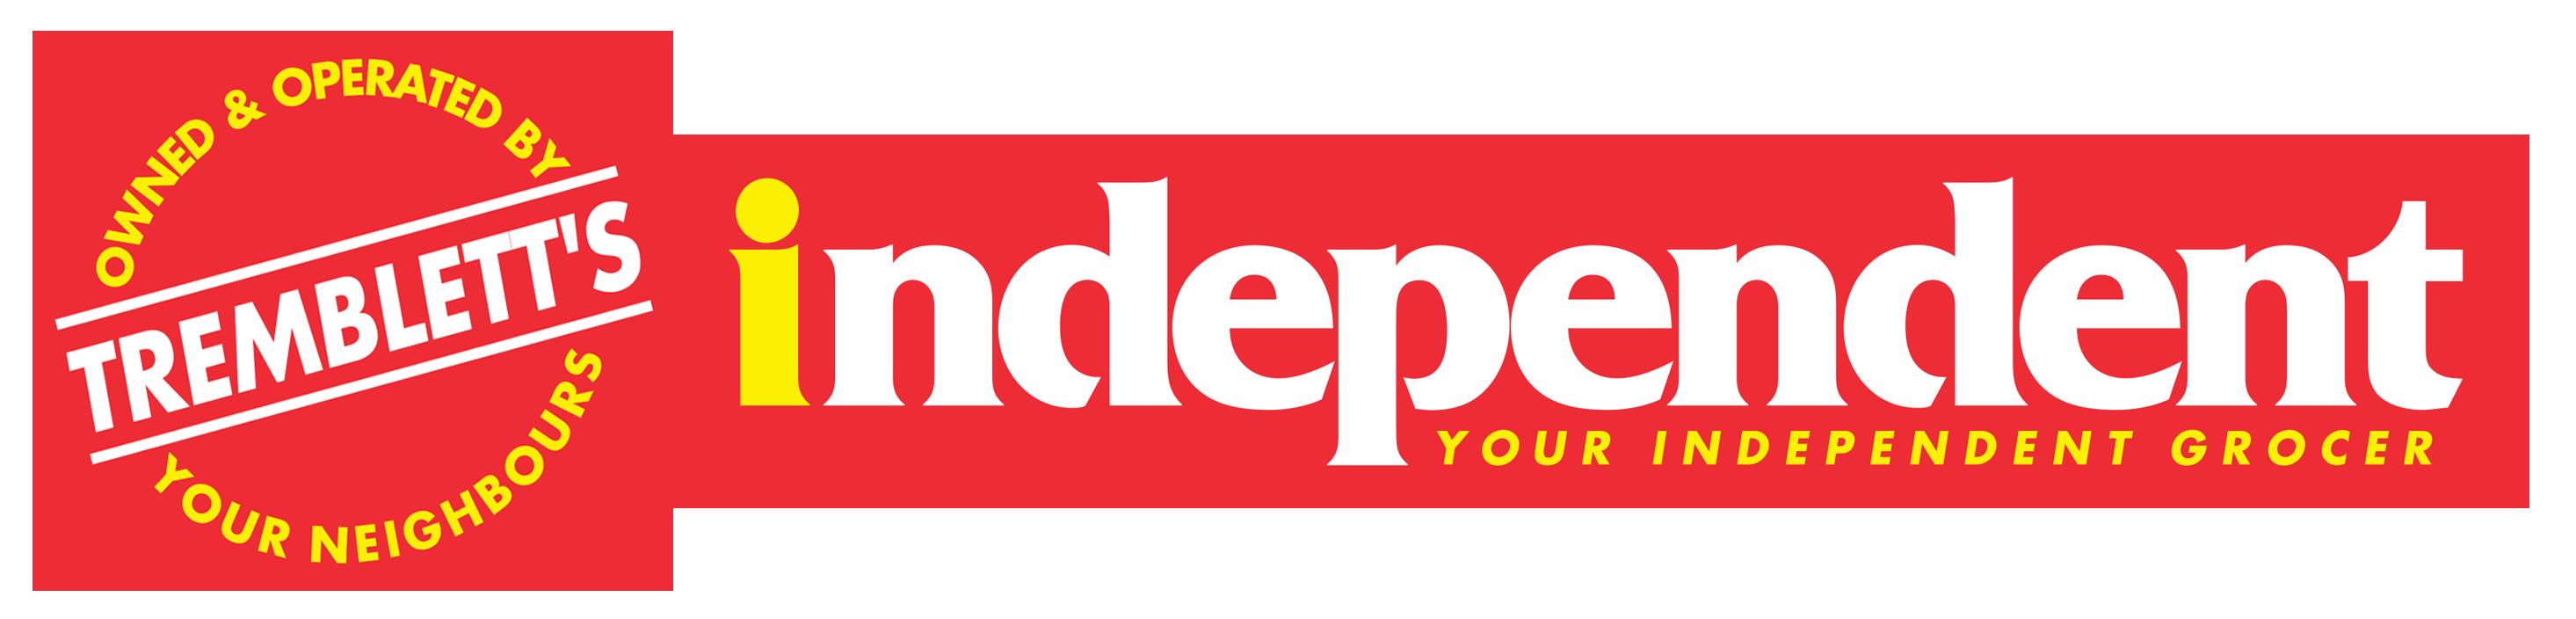 Tremblett-Independent-Logo Icoworker Ess on